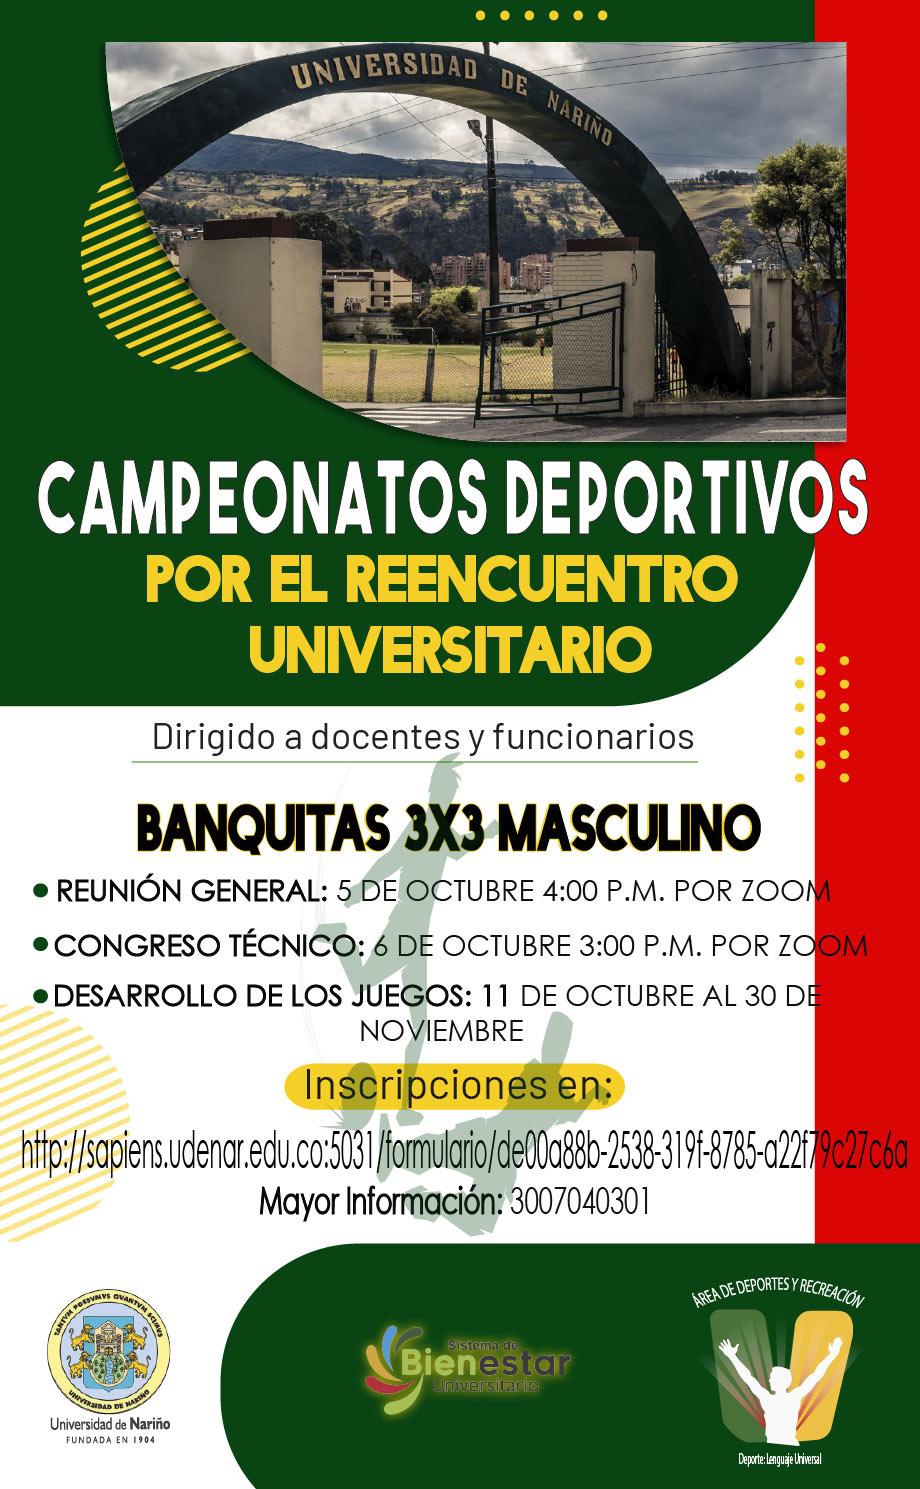 Reencuentro-Universitario-Banquitas